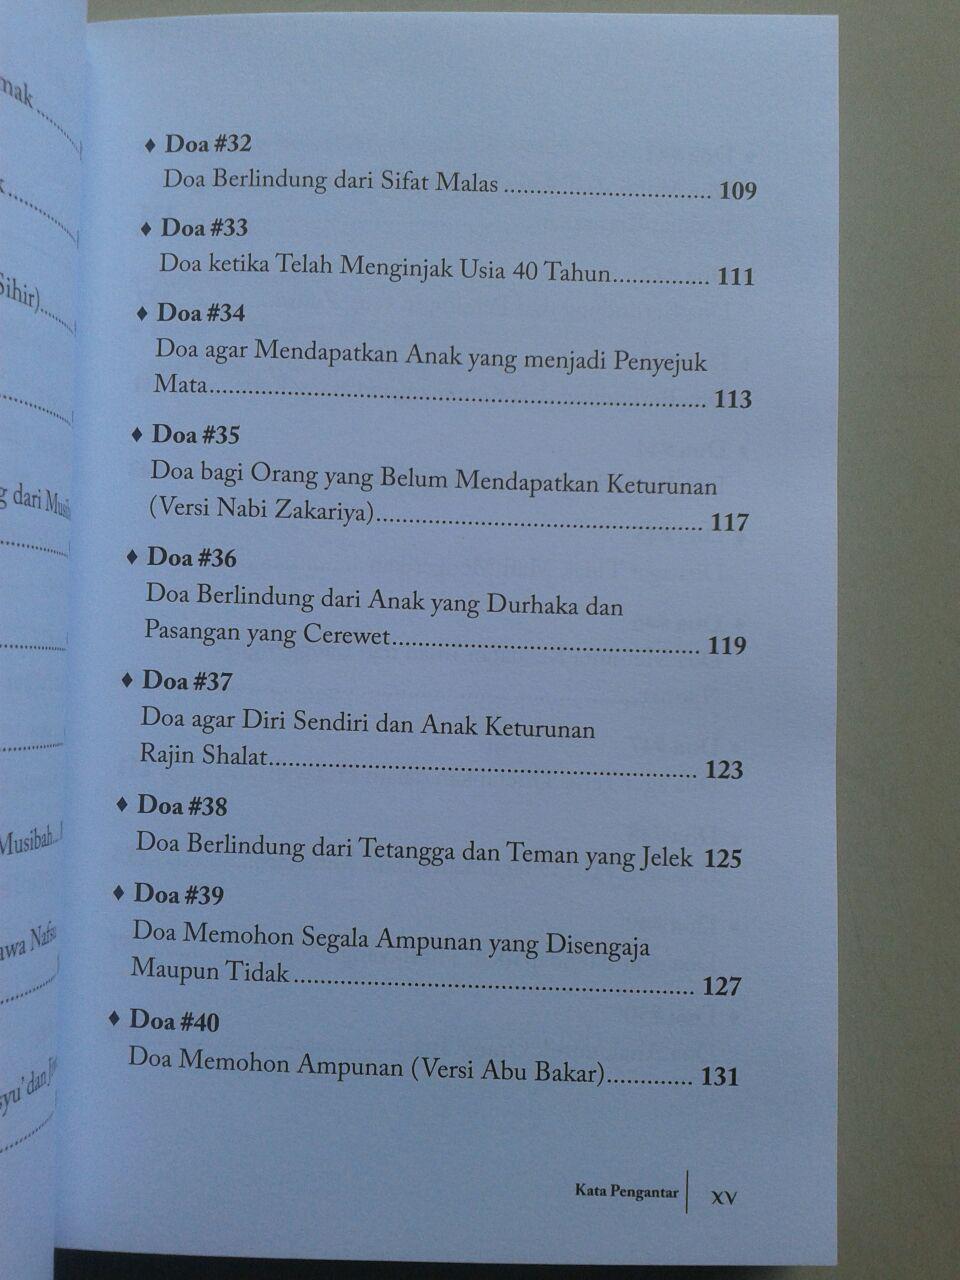 Buku 50 Doa Mengatasi Problem Hidup isi 2